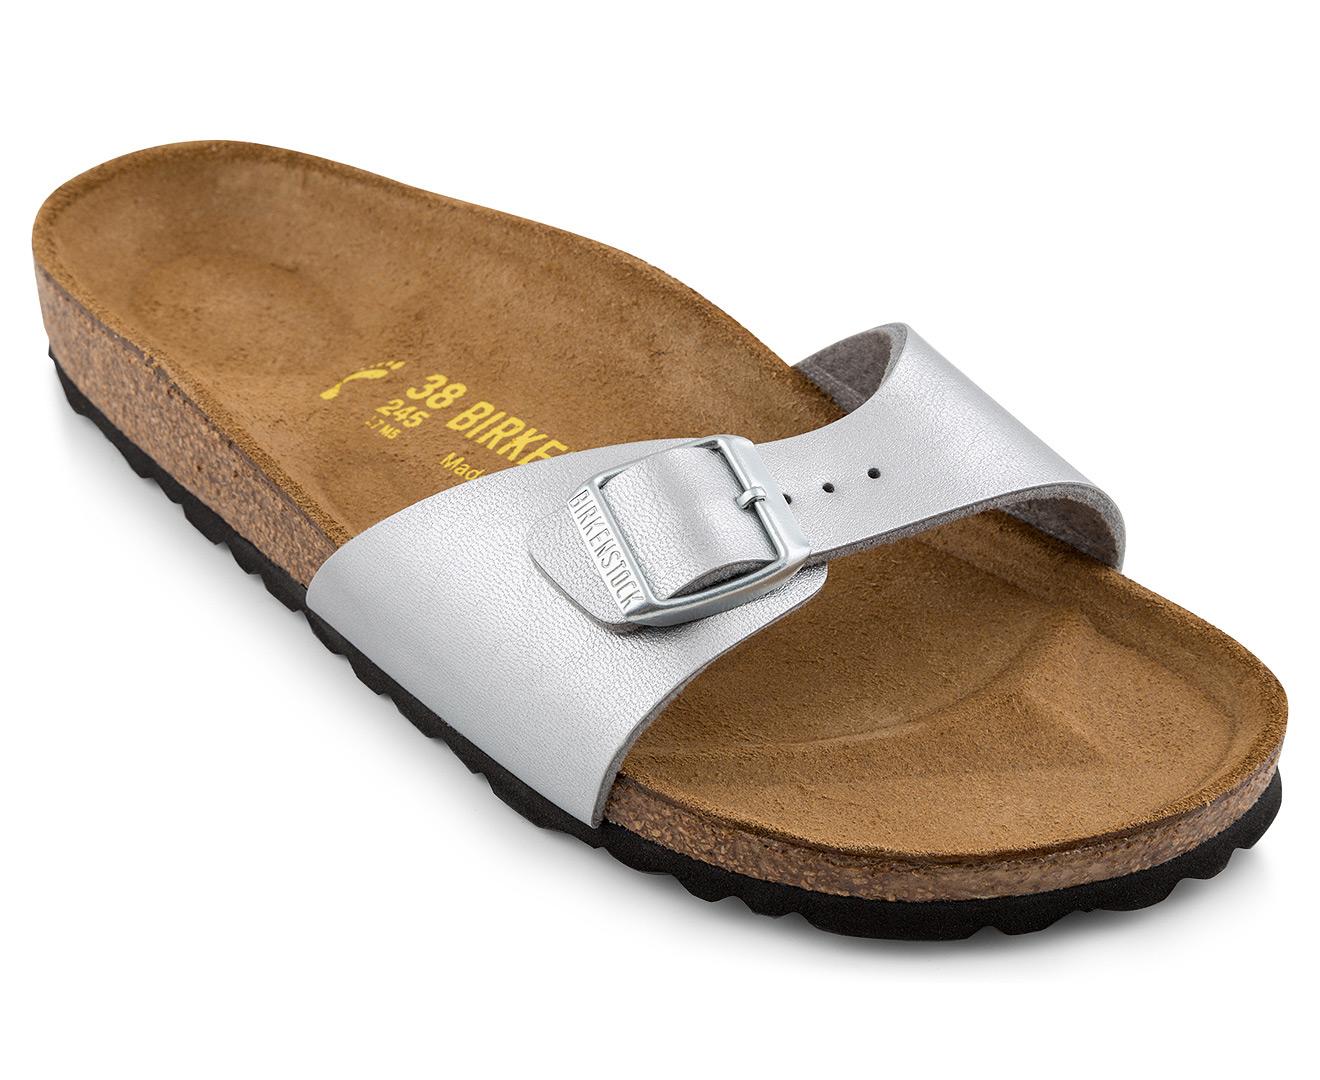 birkenstock madrid sandals silver ebay. Black Bedroom Furniture Sets. Home Design Ideas